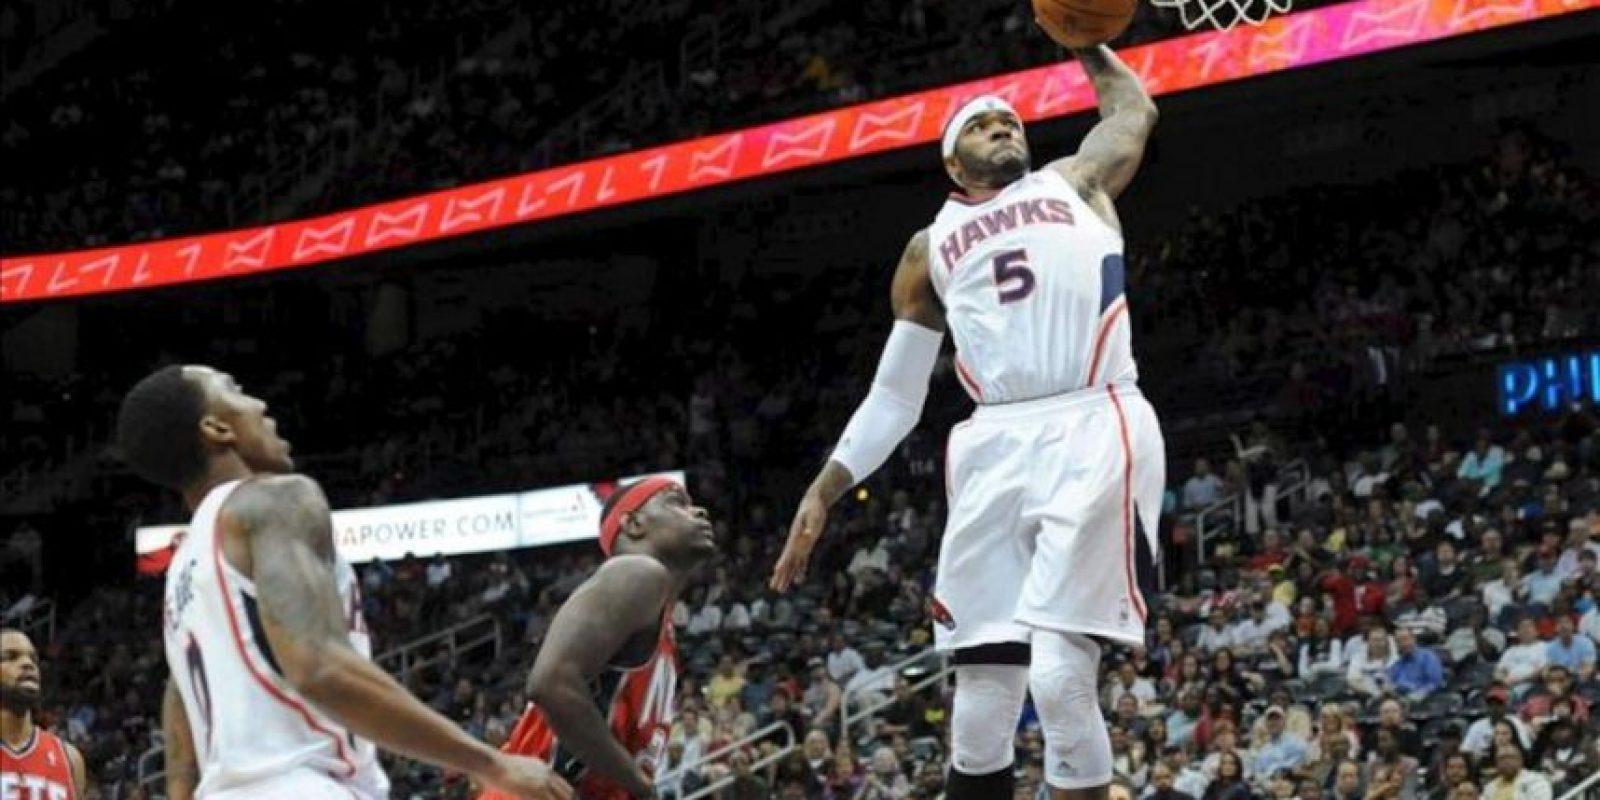 Josh Smith (d) de los Atlanta Hawks encesta ante Anthony Morrow (c) de los New Jersey Nets durante un partido de la NBA disputado, en el Philips Arena en Atlanta, Georgia (EE.UU.). EFE